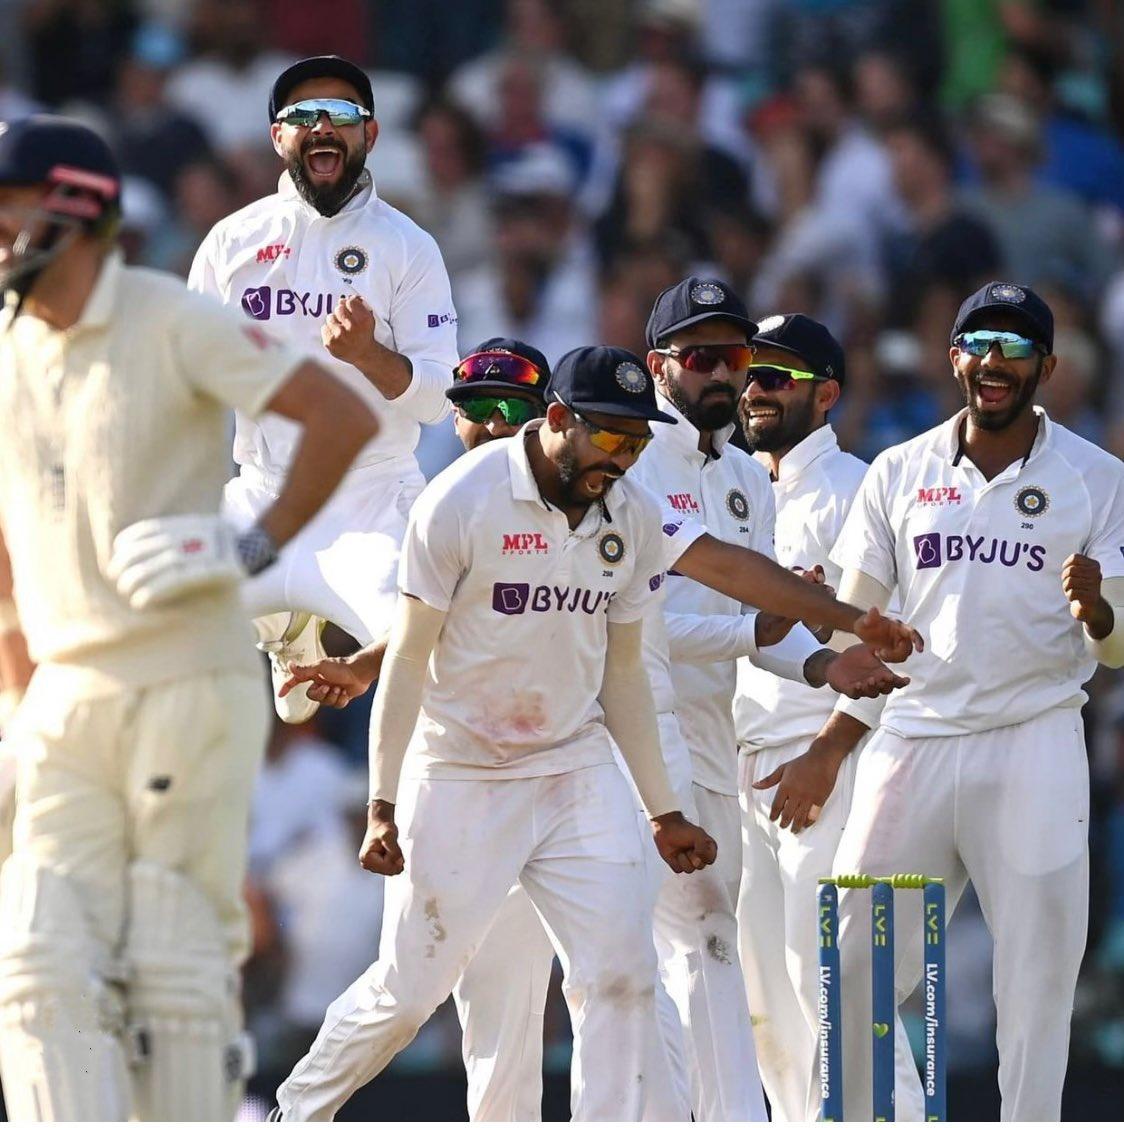 क्रिकेट में भारत ने इंग्लैंड को 157 रन से हराया, श्रृंखला में भारत दो-एक से आगे